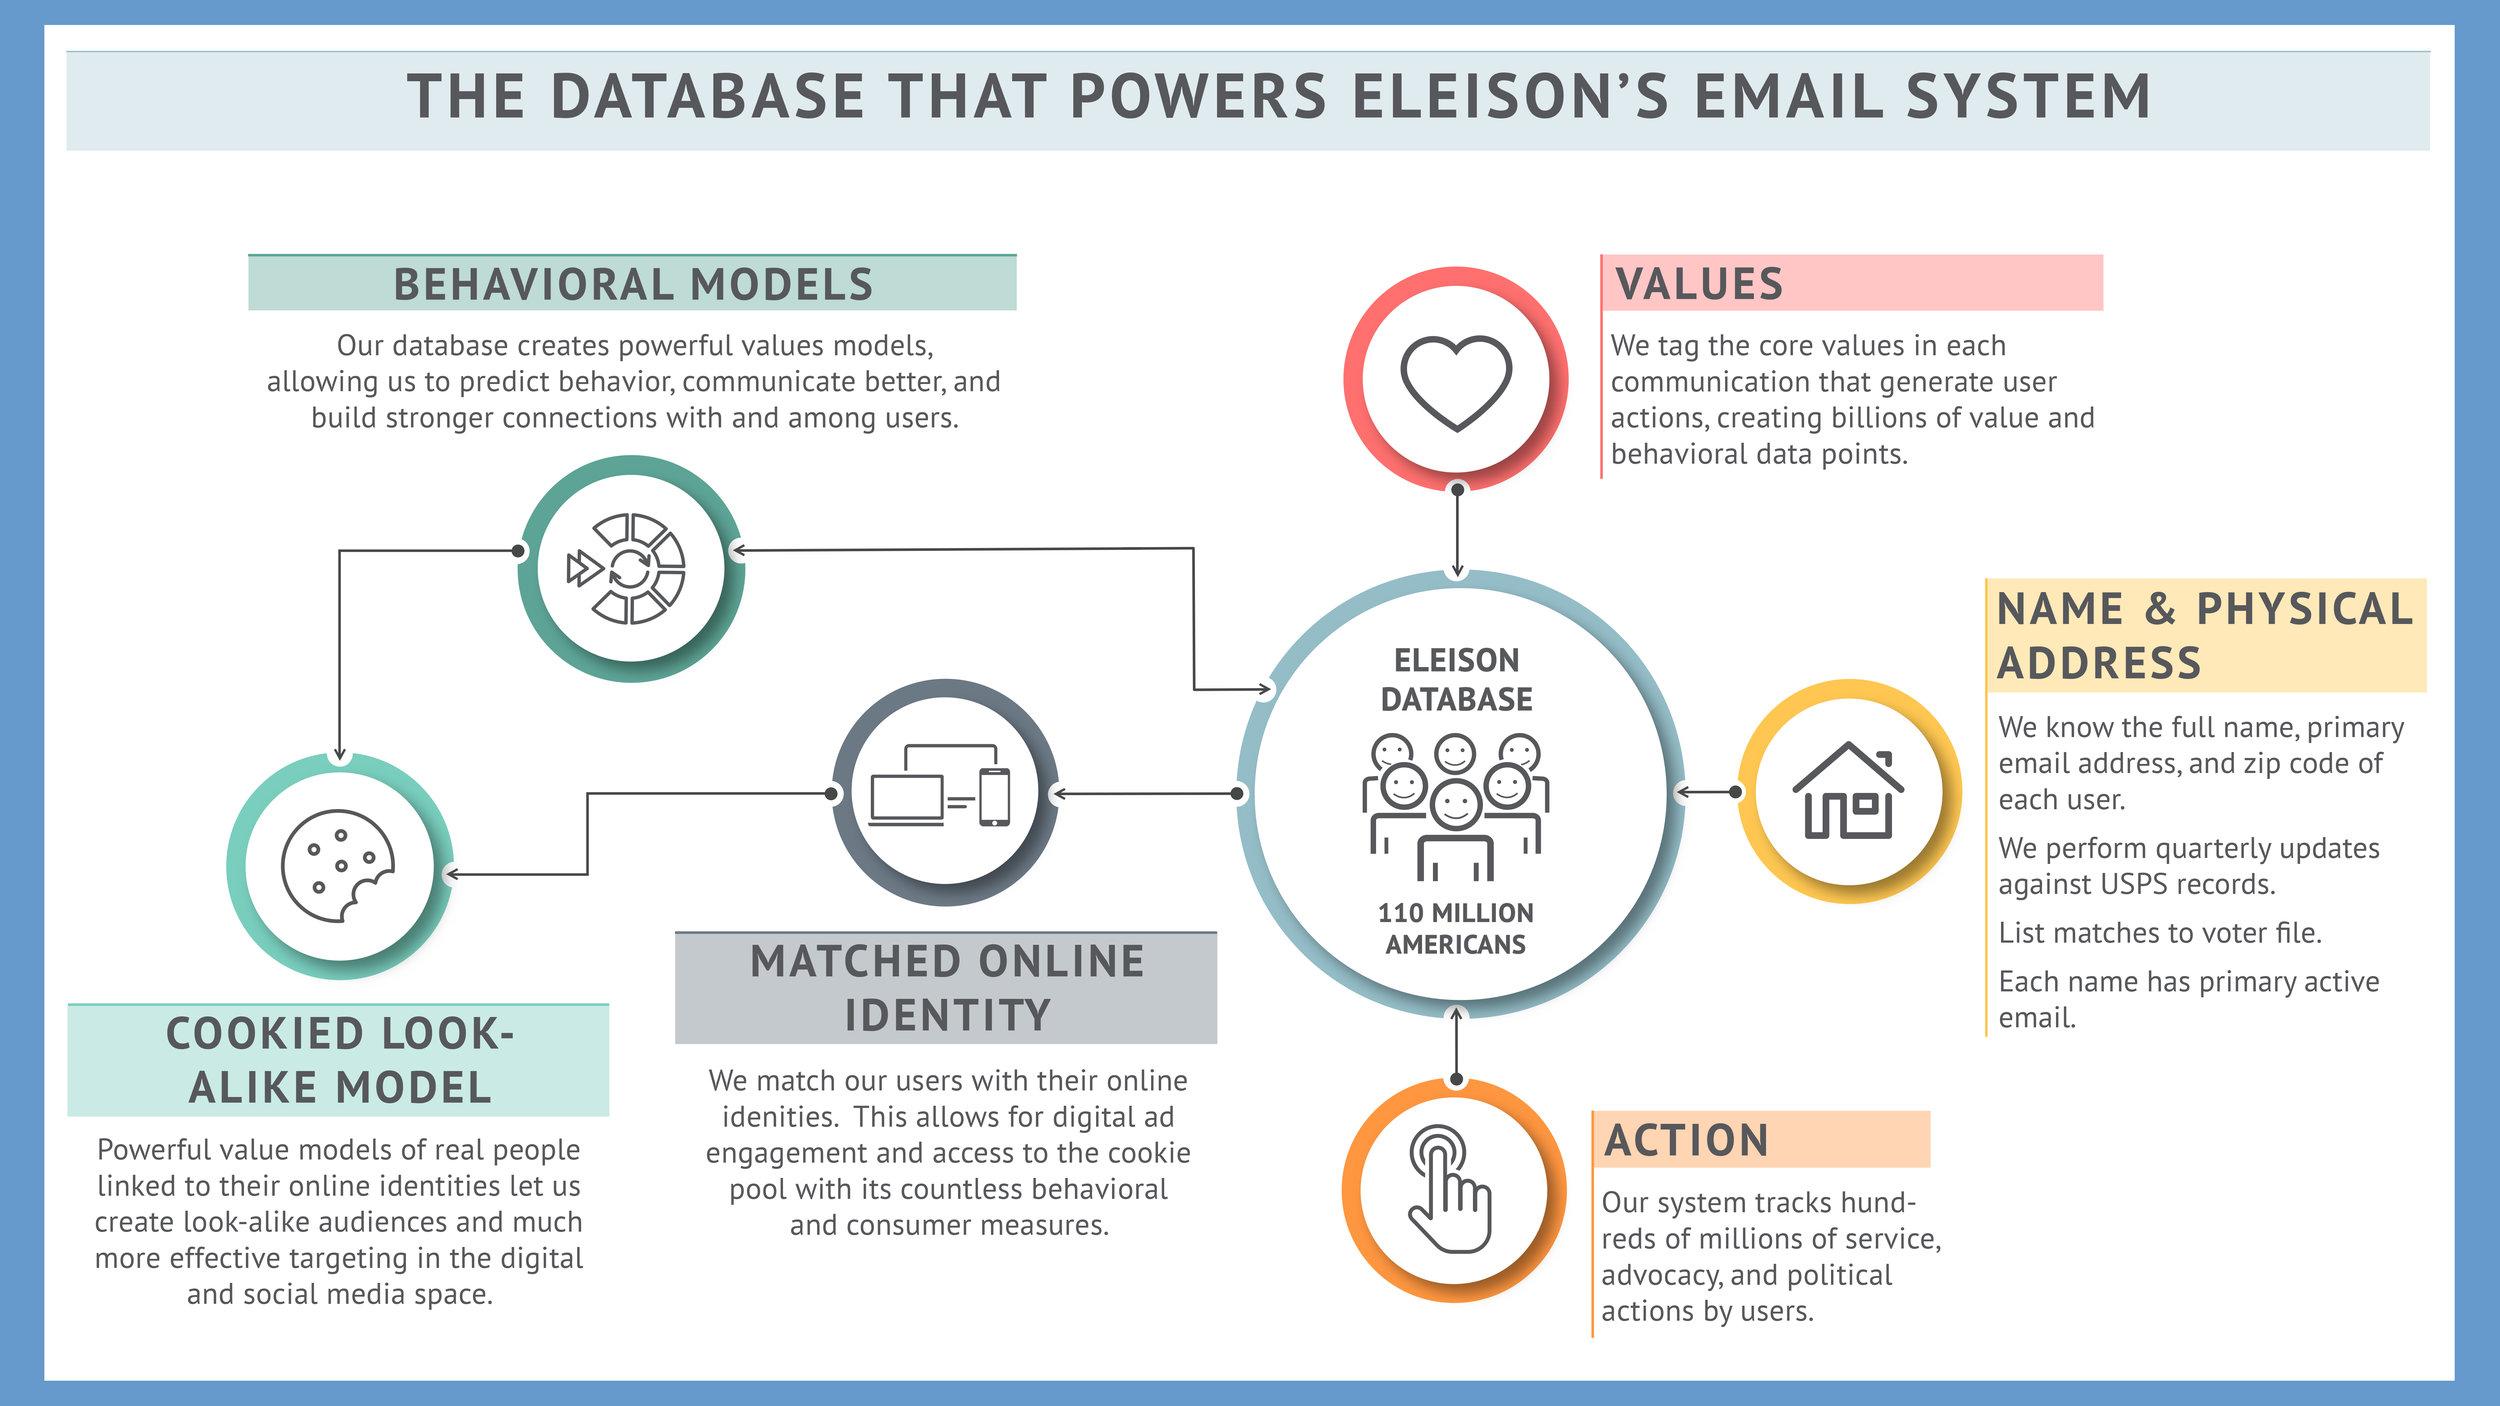 Values-based data